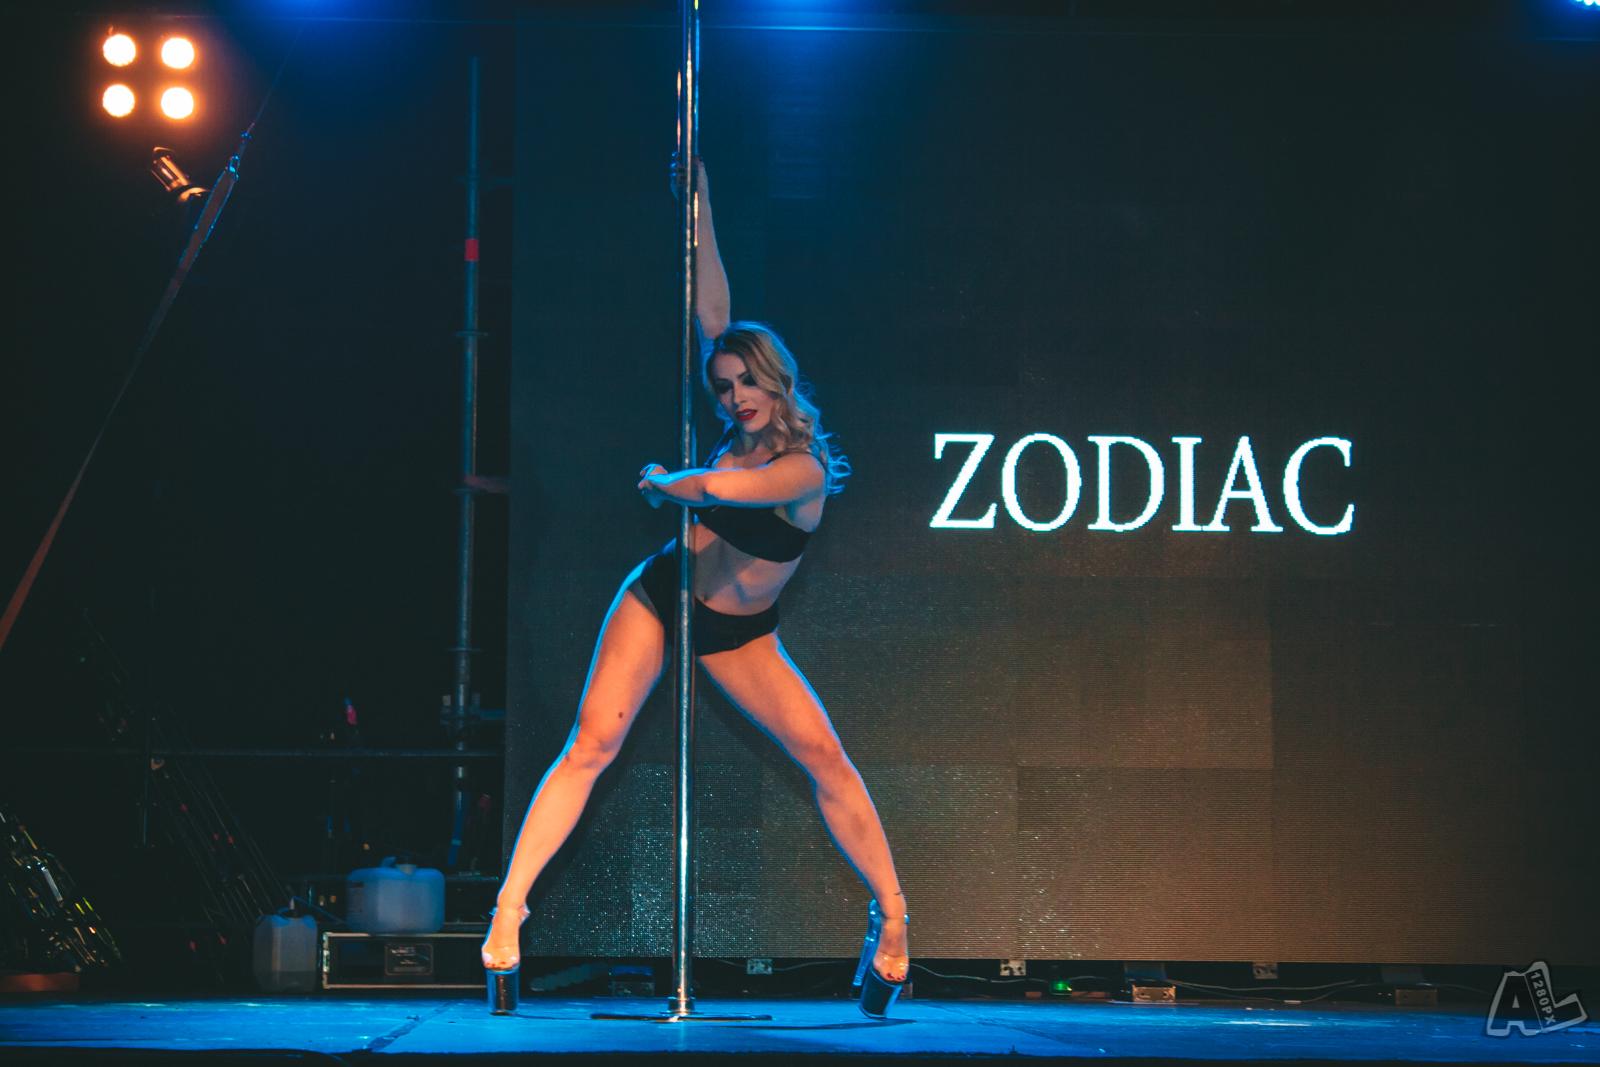 Photo of ZODIAC 2017 | Интервью ZODIAC 2017 | Интервью ZODIAC 2017 | Интервью IMG 9717